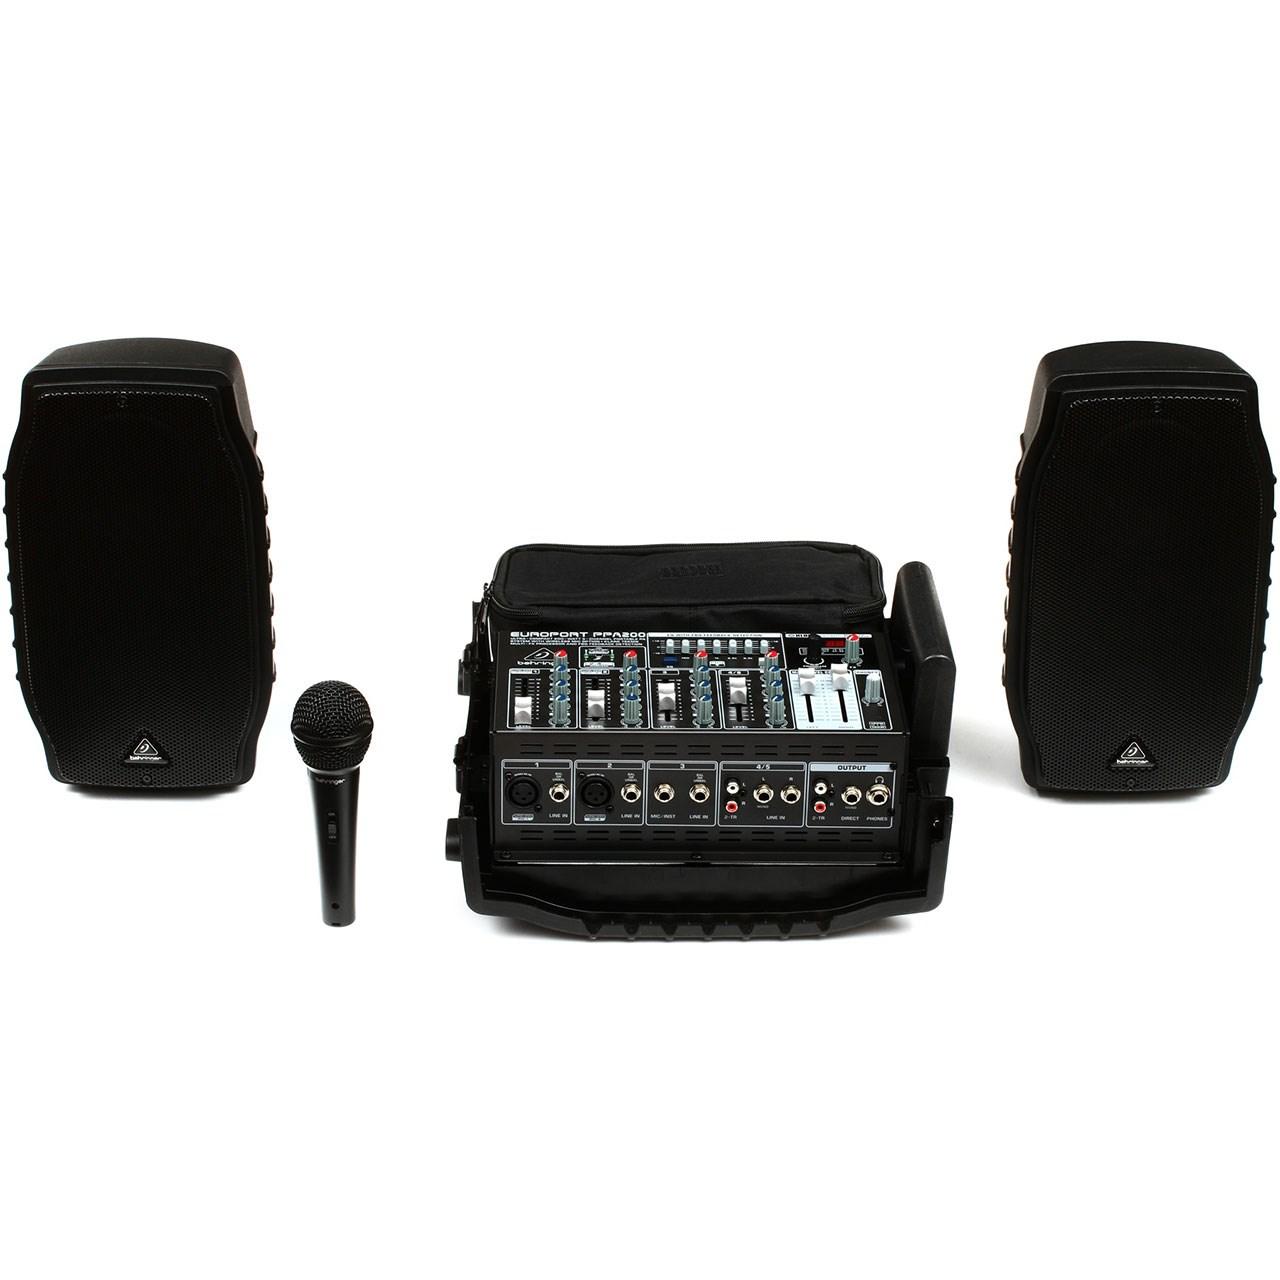 پکیچ صوتی قابل حمل بهرینگر مدل PPA200